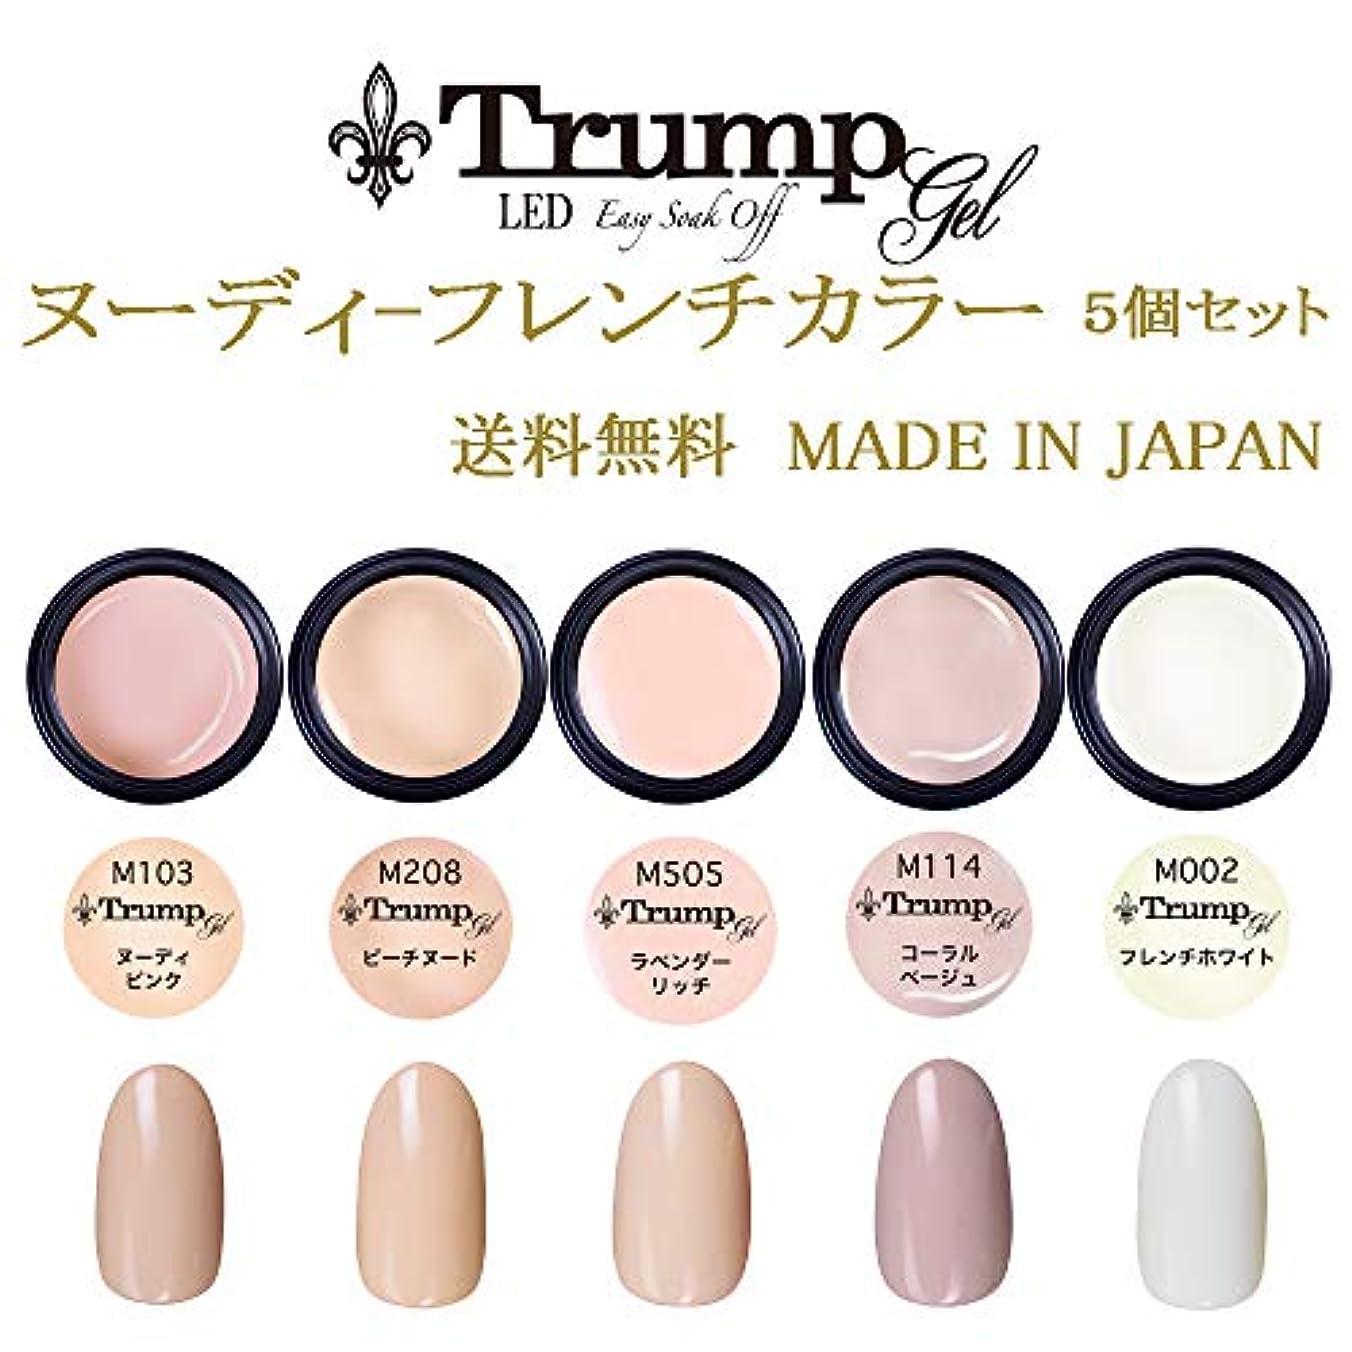 反動再生可能ニュージーランド【送料無料】日本製 Trump gel トランプジェルヌーディフレンチカラージェル 5個セット 肌馴染みの良い ヌーデイフレンチカラージェルセット